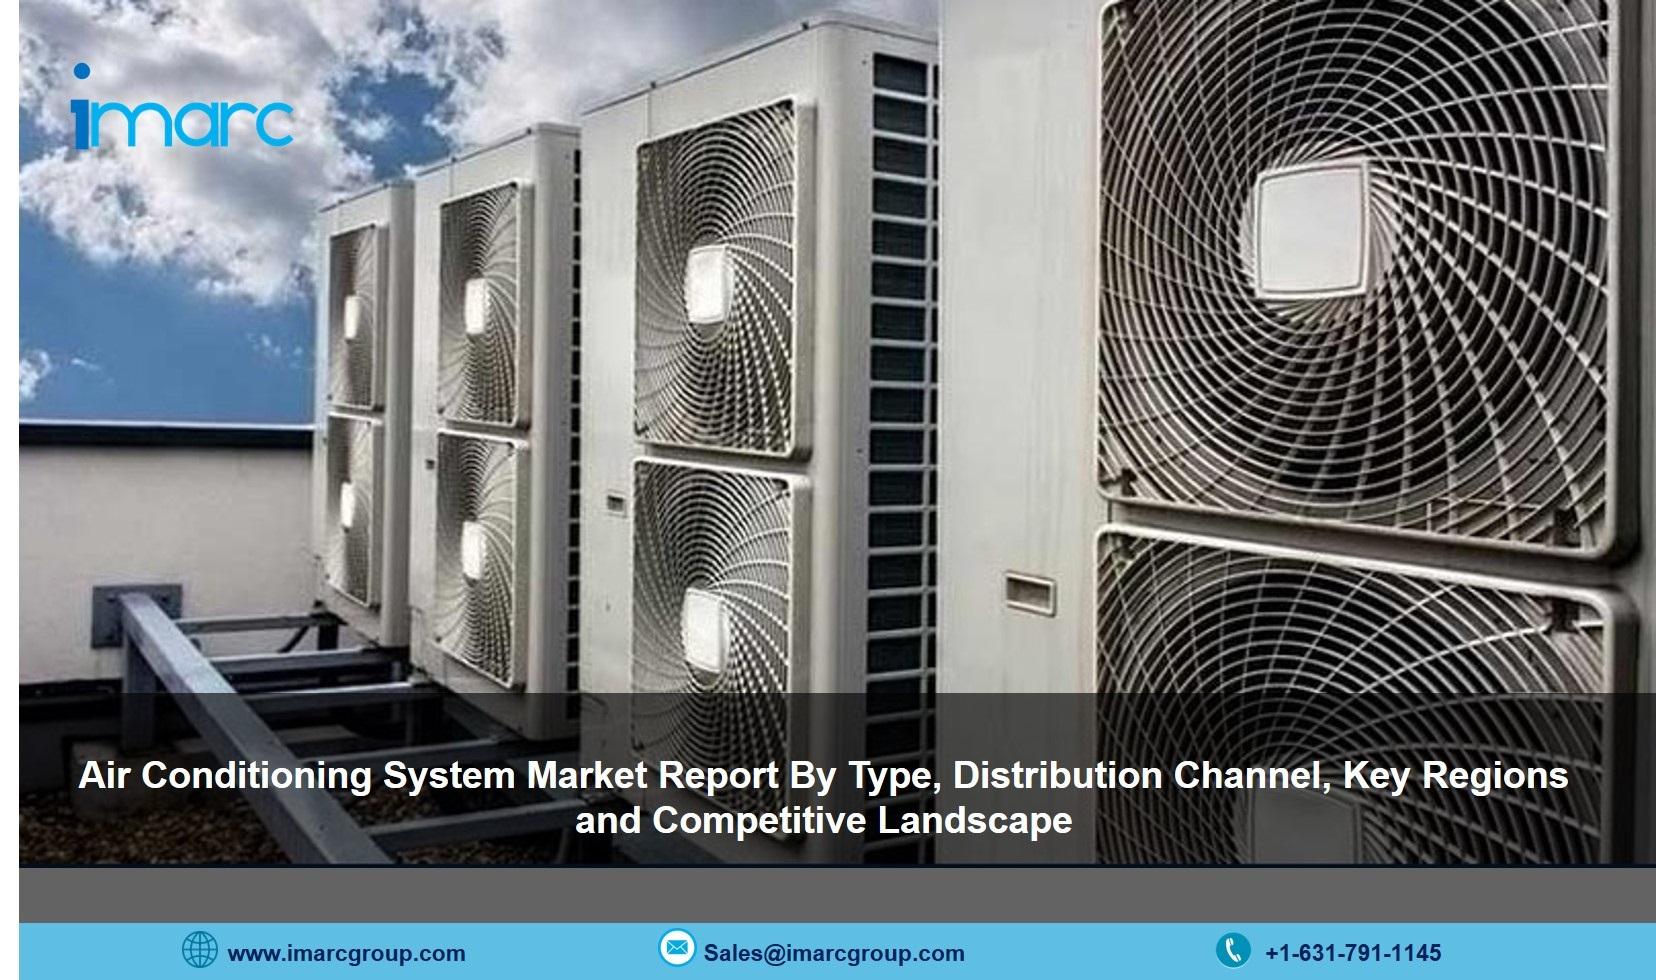 Tendances du marché du système de climatisation, taille, part et prévisions 2021-2026